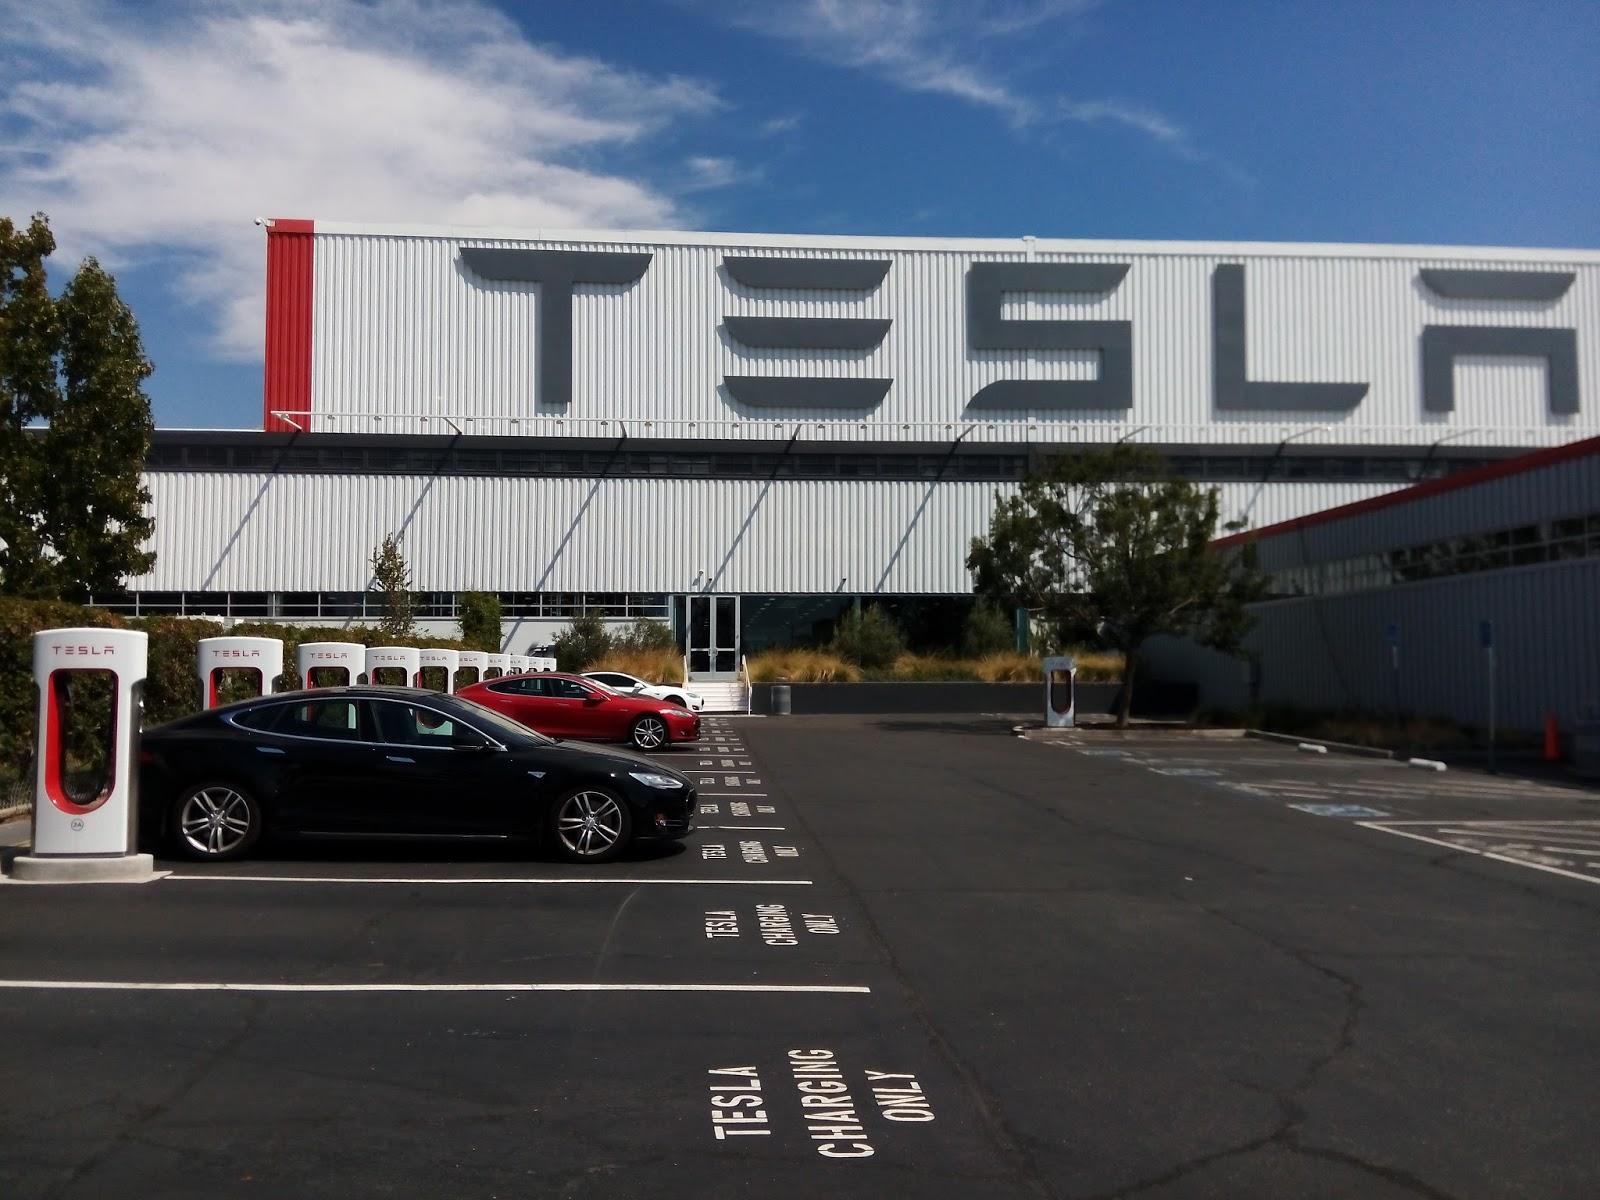 Tesla Fremont Location Tesla Free Engine Image For User